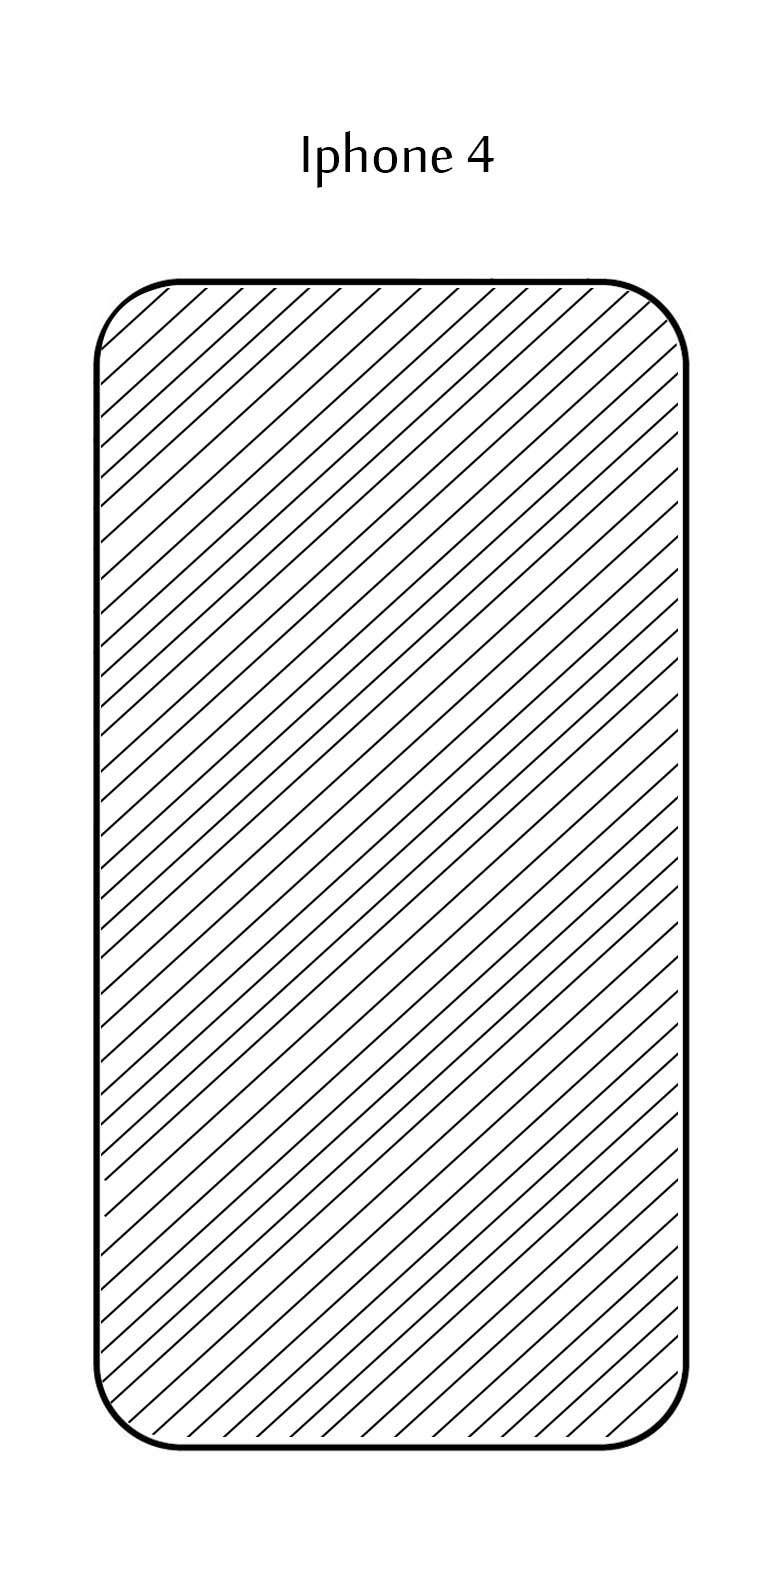 Penyertaan Peraduan #12 untuk Smart Phone Cover Design - Prize pool up to $400 USD